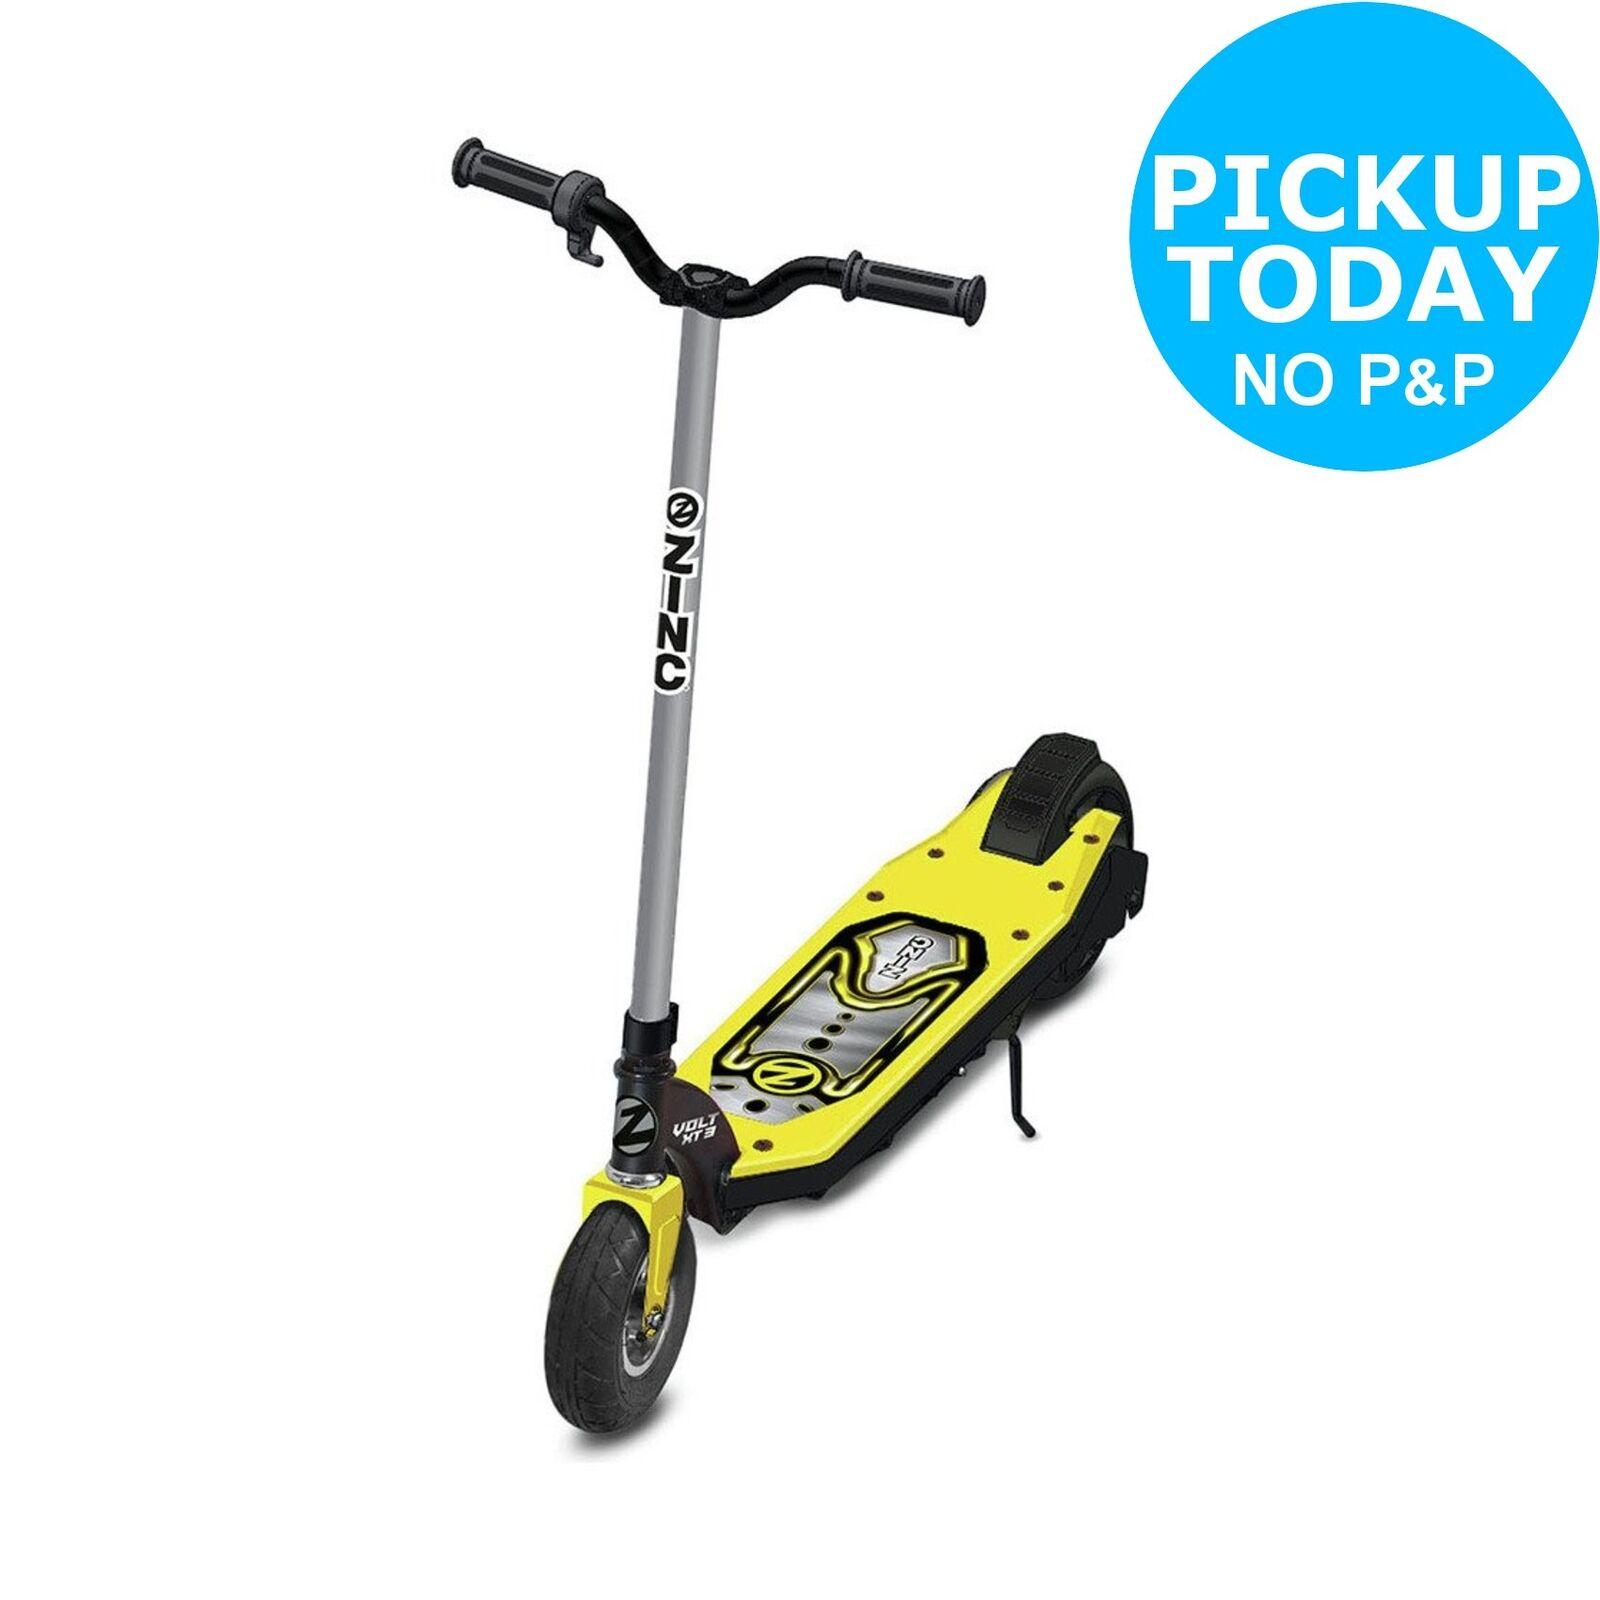 Zinc Volt XT3 24V Electric Scooter - Yellow.